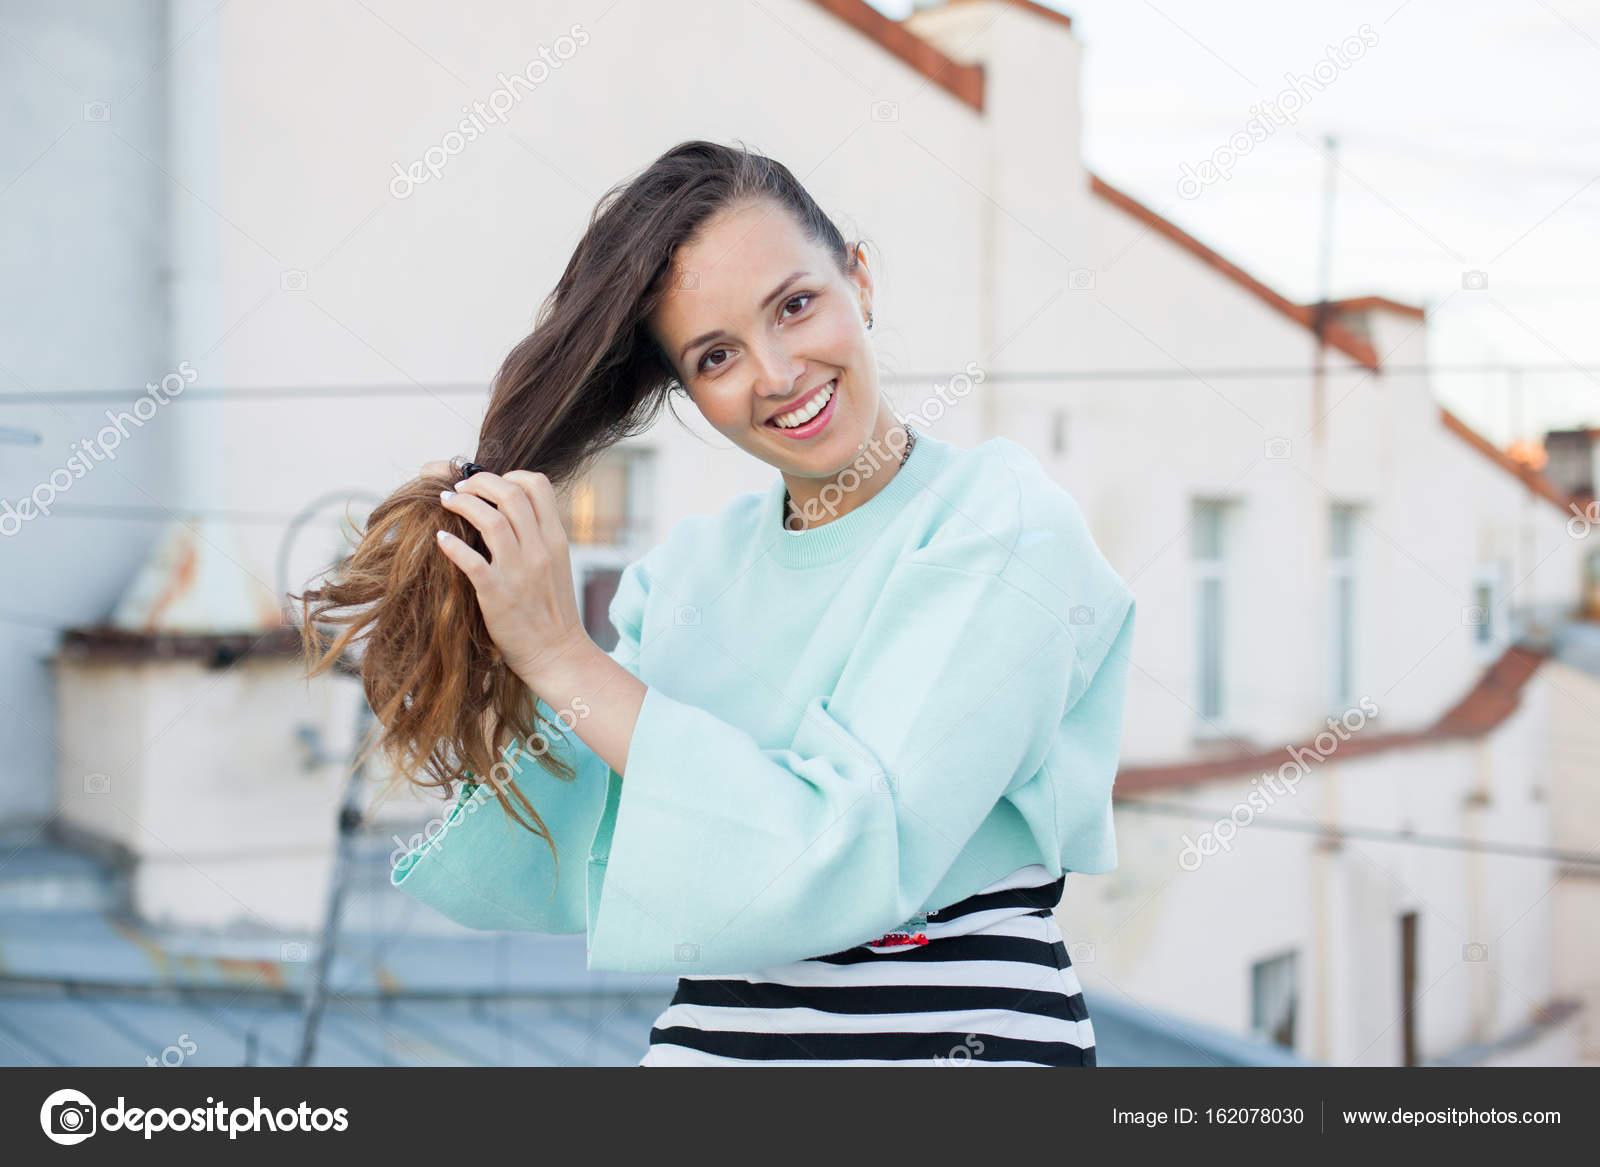 Девушек когда она поправляет волосы